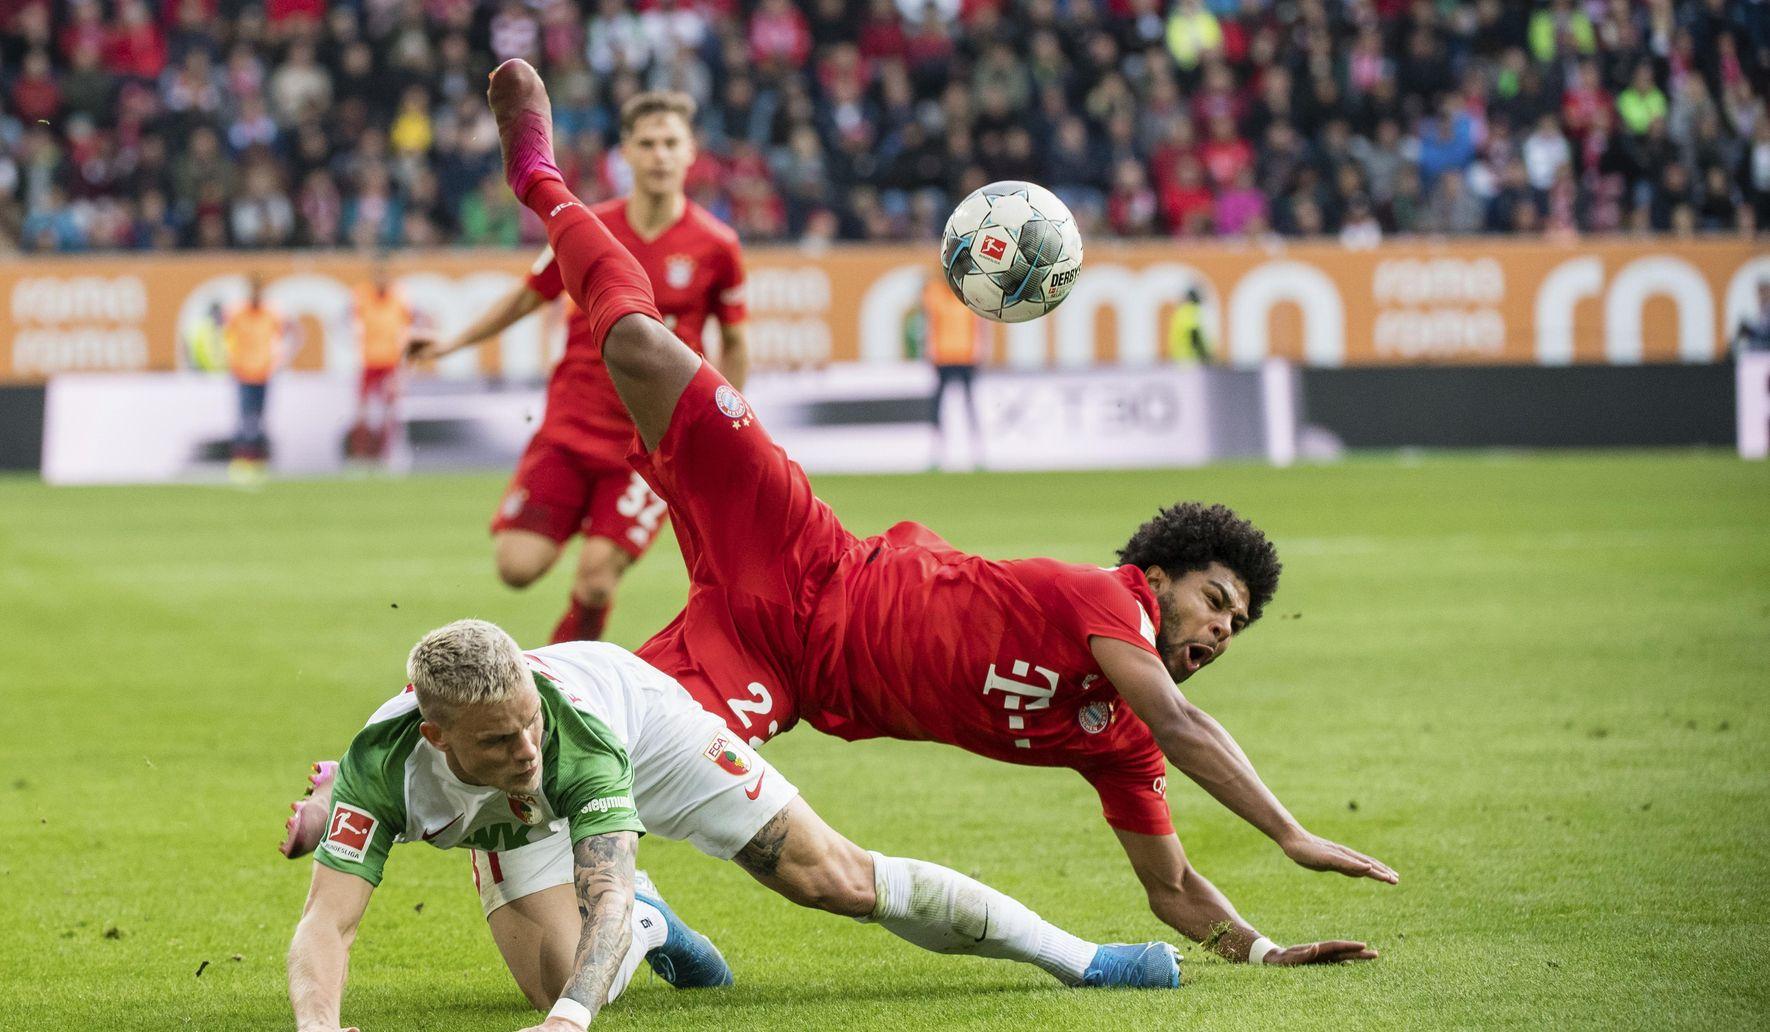 Germany_soccer_bundesliga_52511_c0-169-4044-2526_s1770x1032